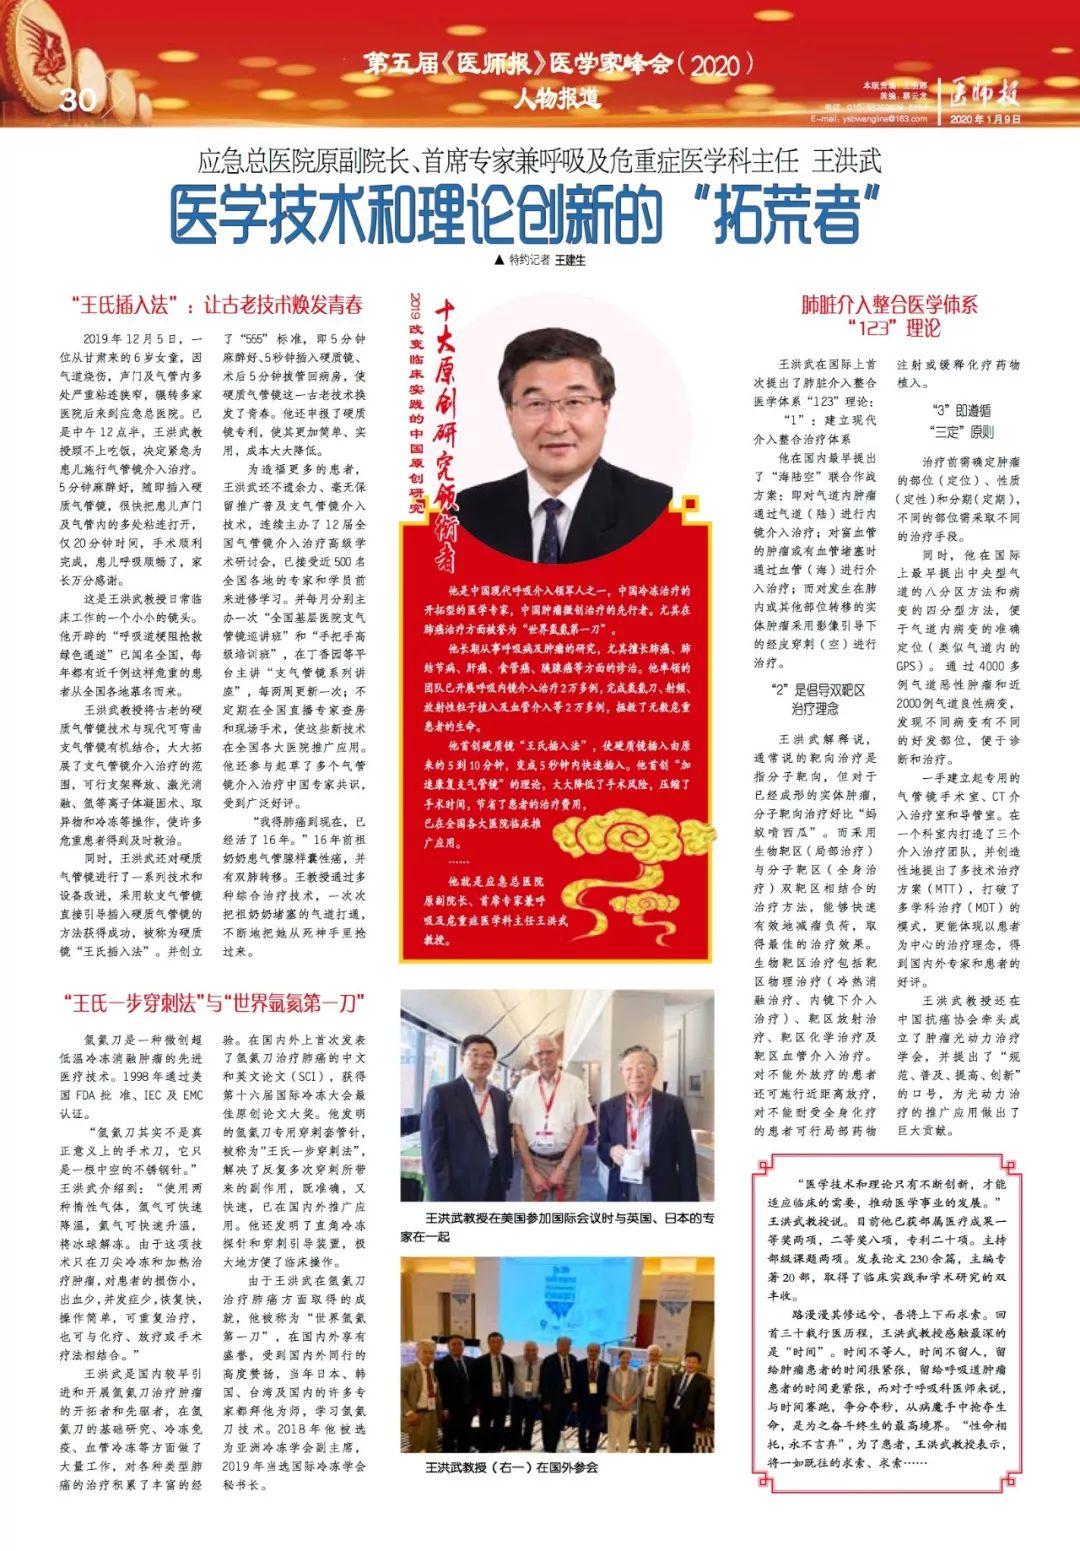 """医学技术和理论创新的""""拓荒者""""丨王洪武教授荣获""""十大原创研究领衔者"""